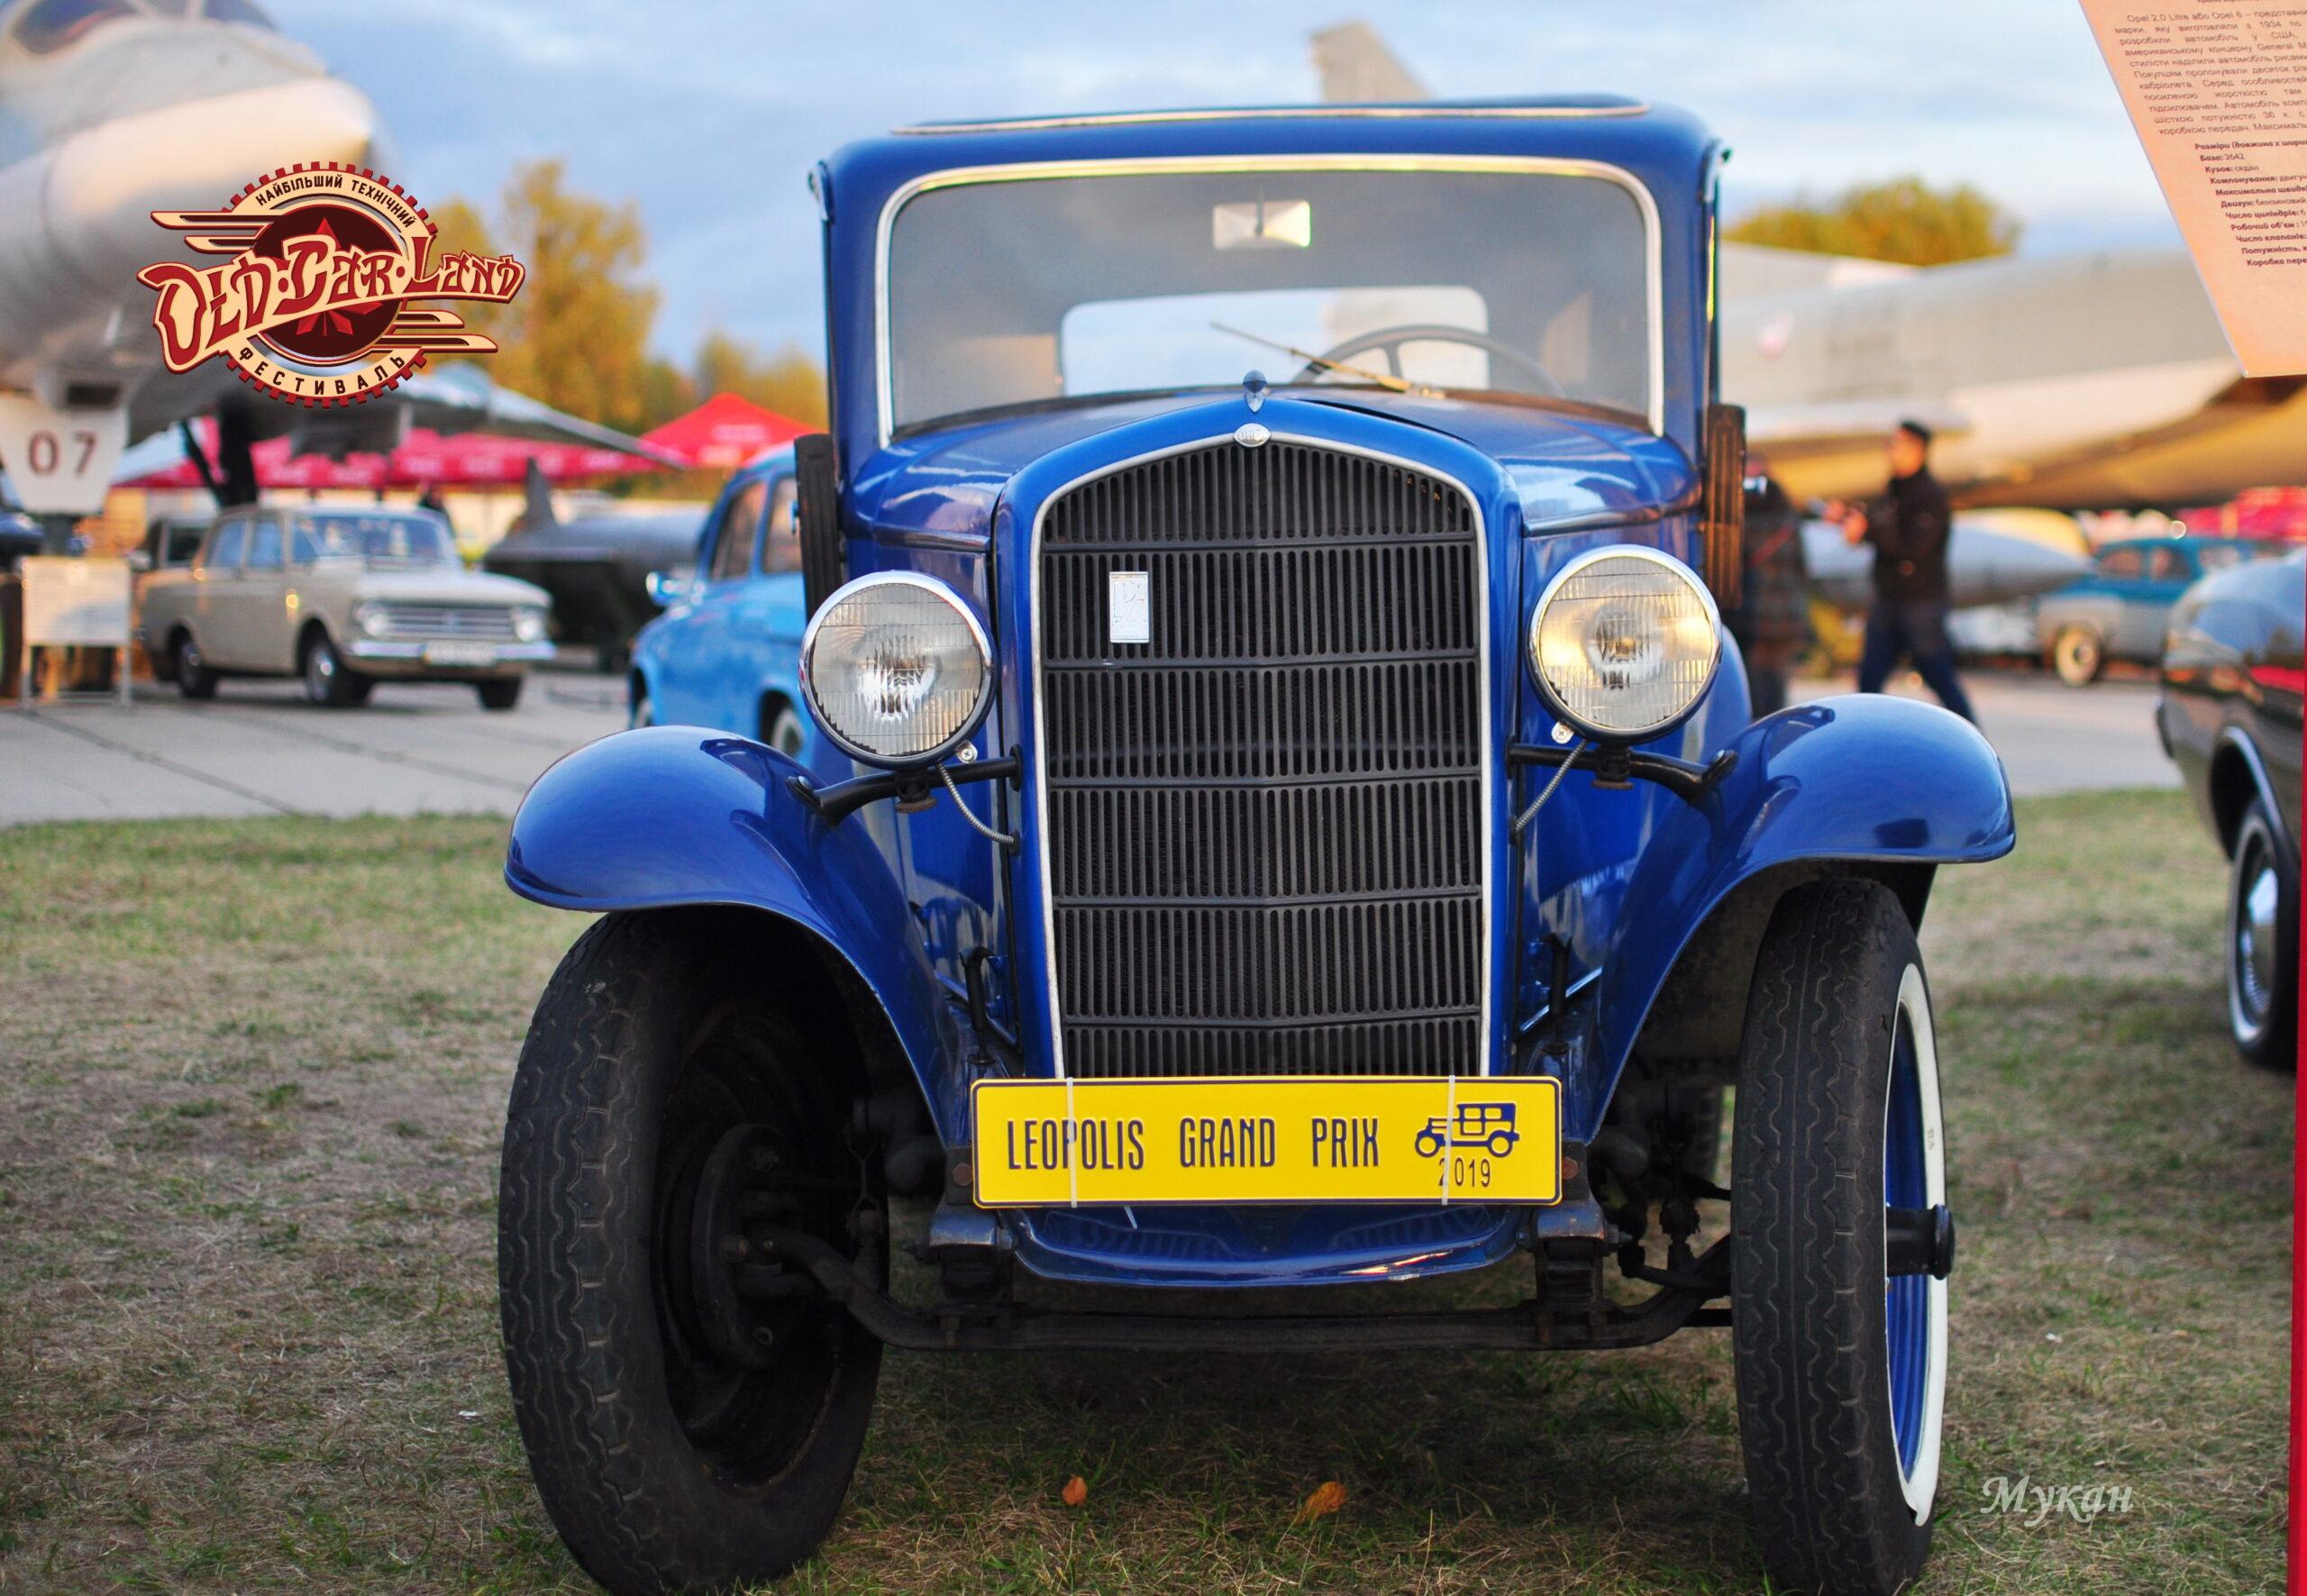 Классика Rolls Royce и советские лимузины: в Киеве стартует фестиваль OldCarLand.Вокруг Света. Украина